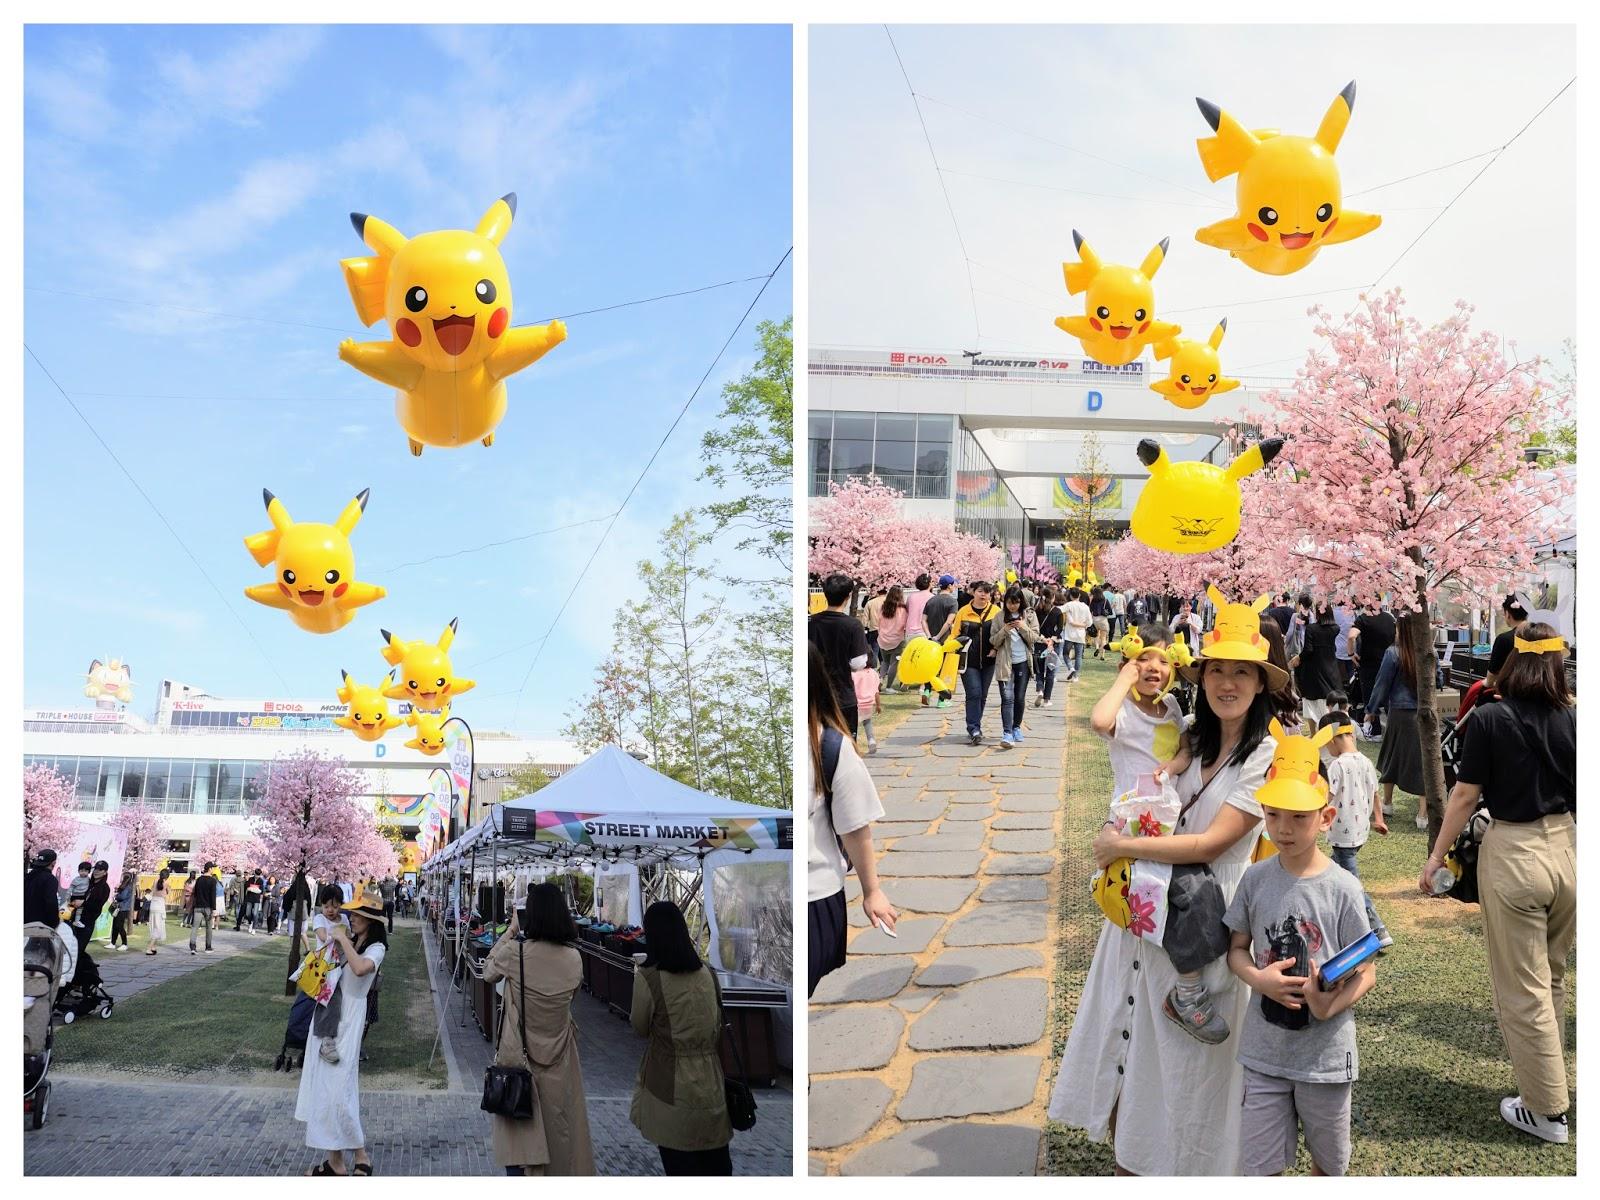 POKEMON WORLD FESTIVAL IN SONGDO, KOREA - Seoulful Family